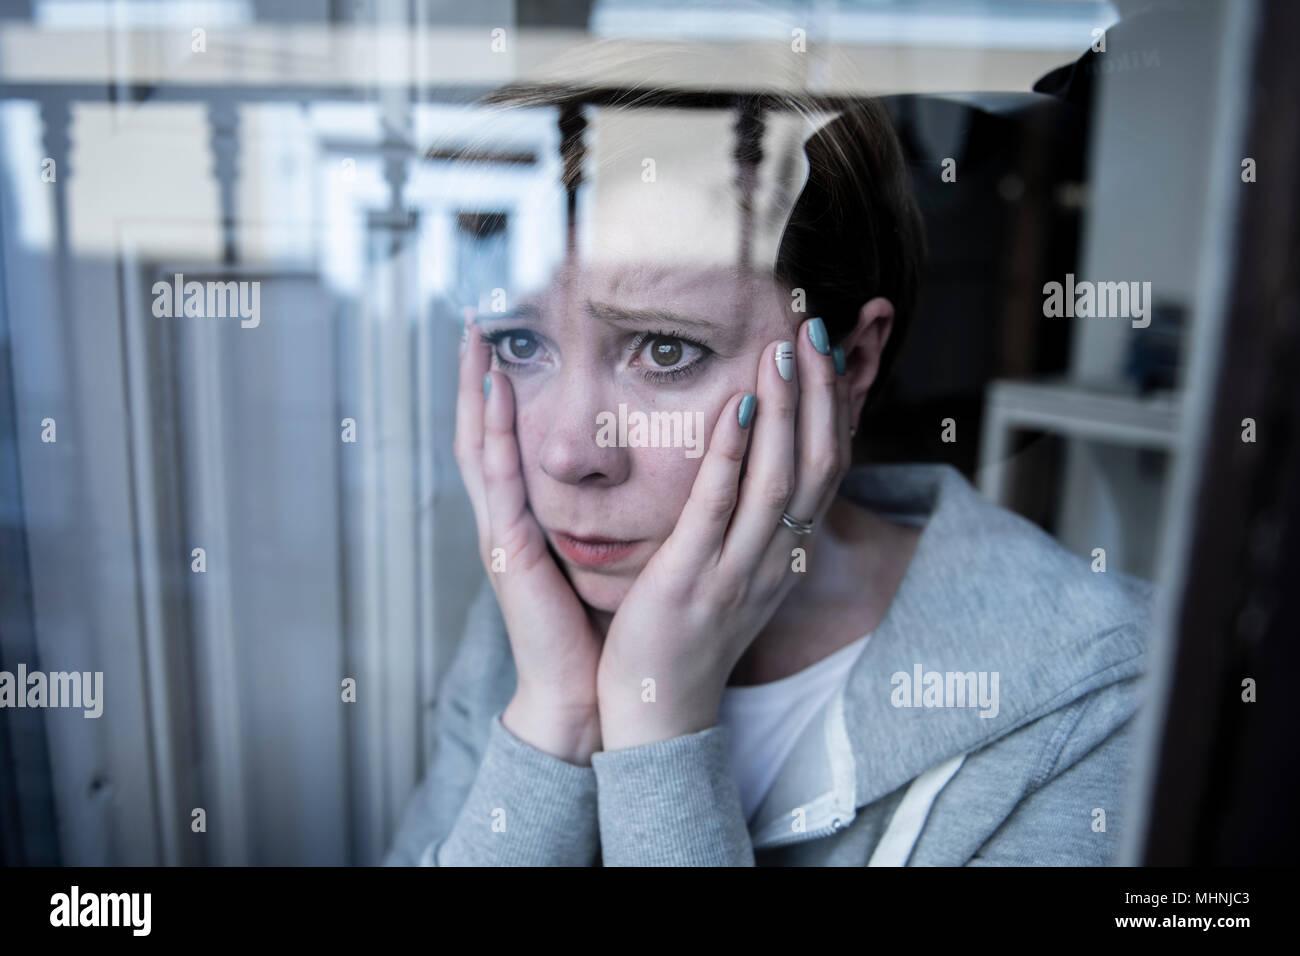 Belle jeune femme caucasienne Malheureux déprimé à la triste et inquiet par la fenêtre à la maison. sentiment d'inutilité et de douleur. libre. Depressi Photo Stock